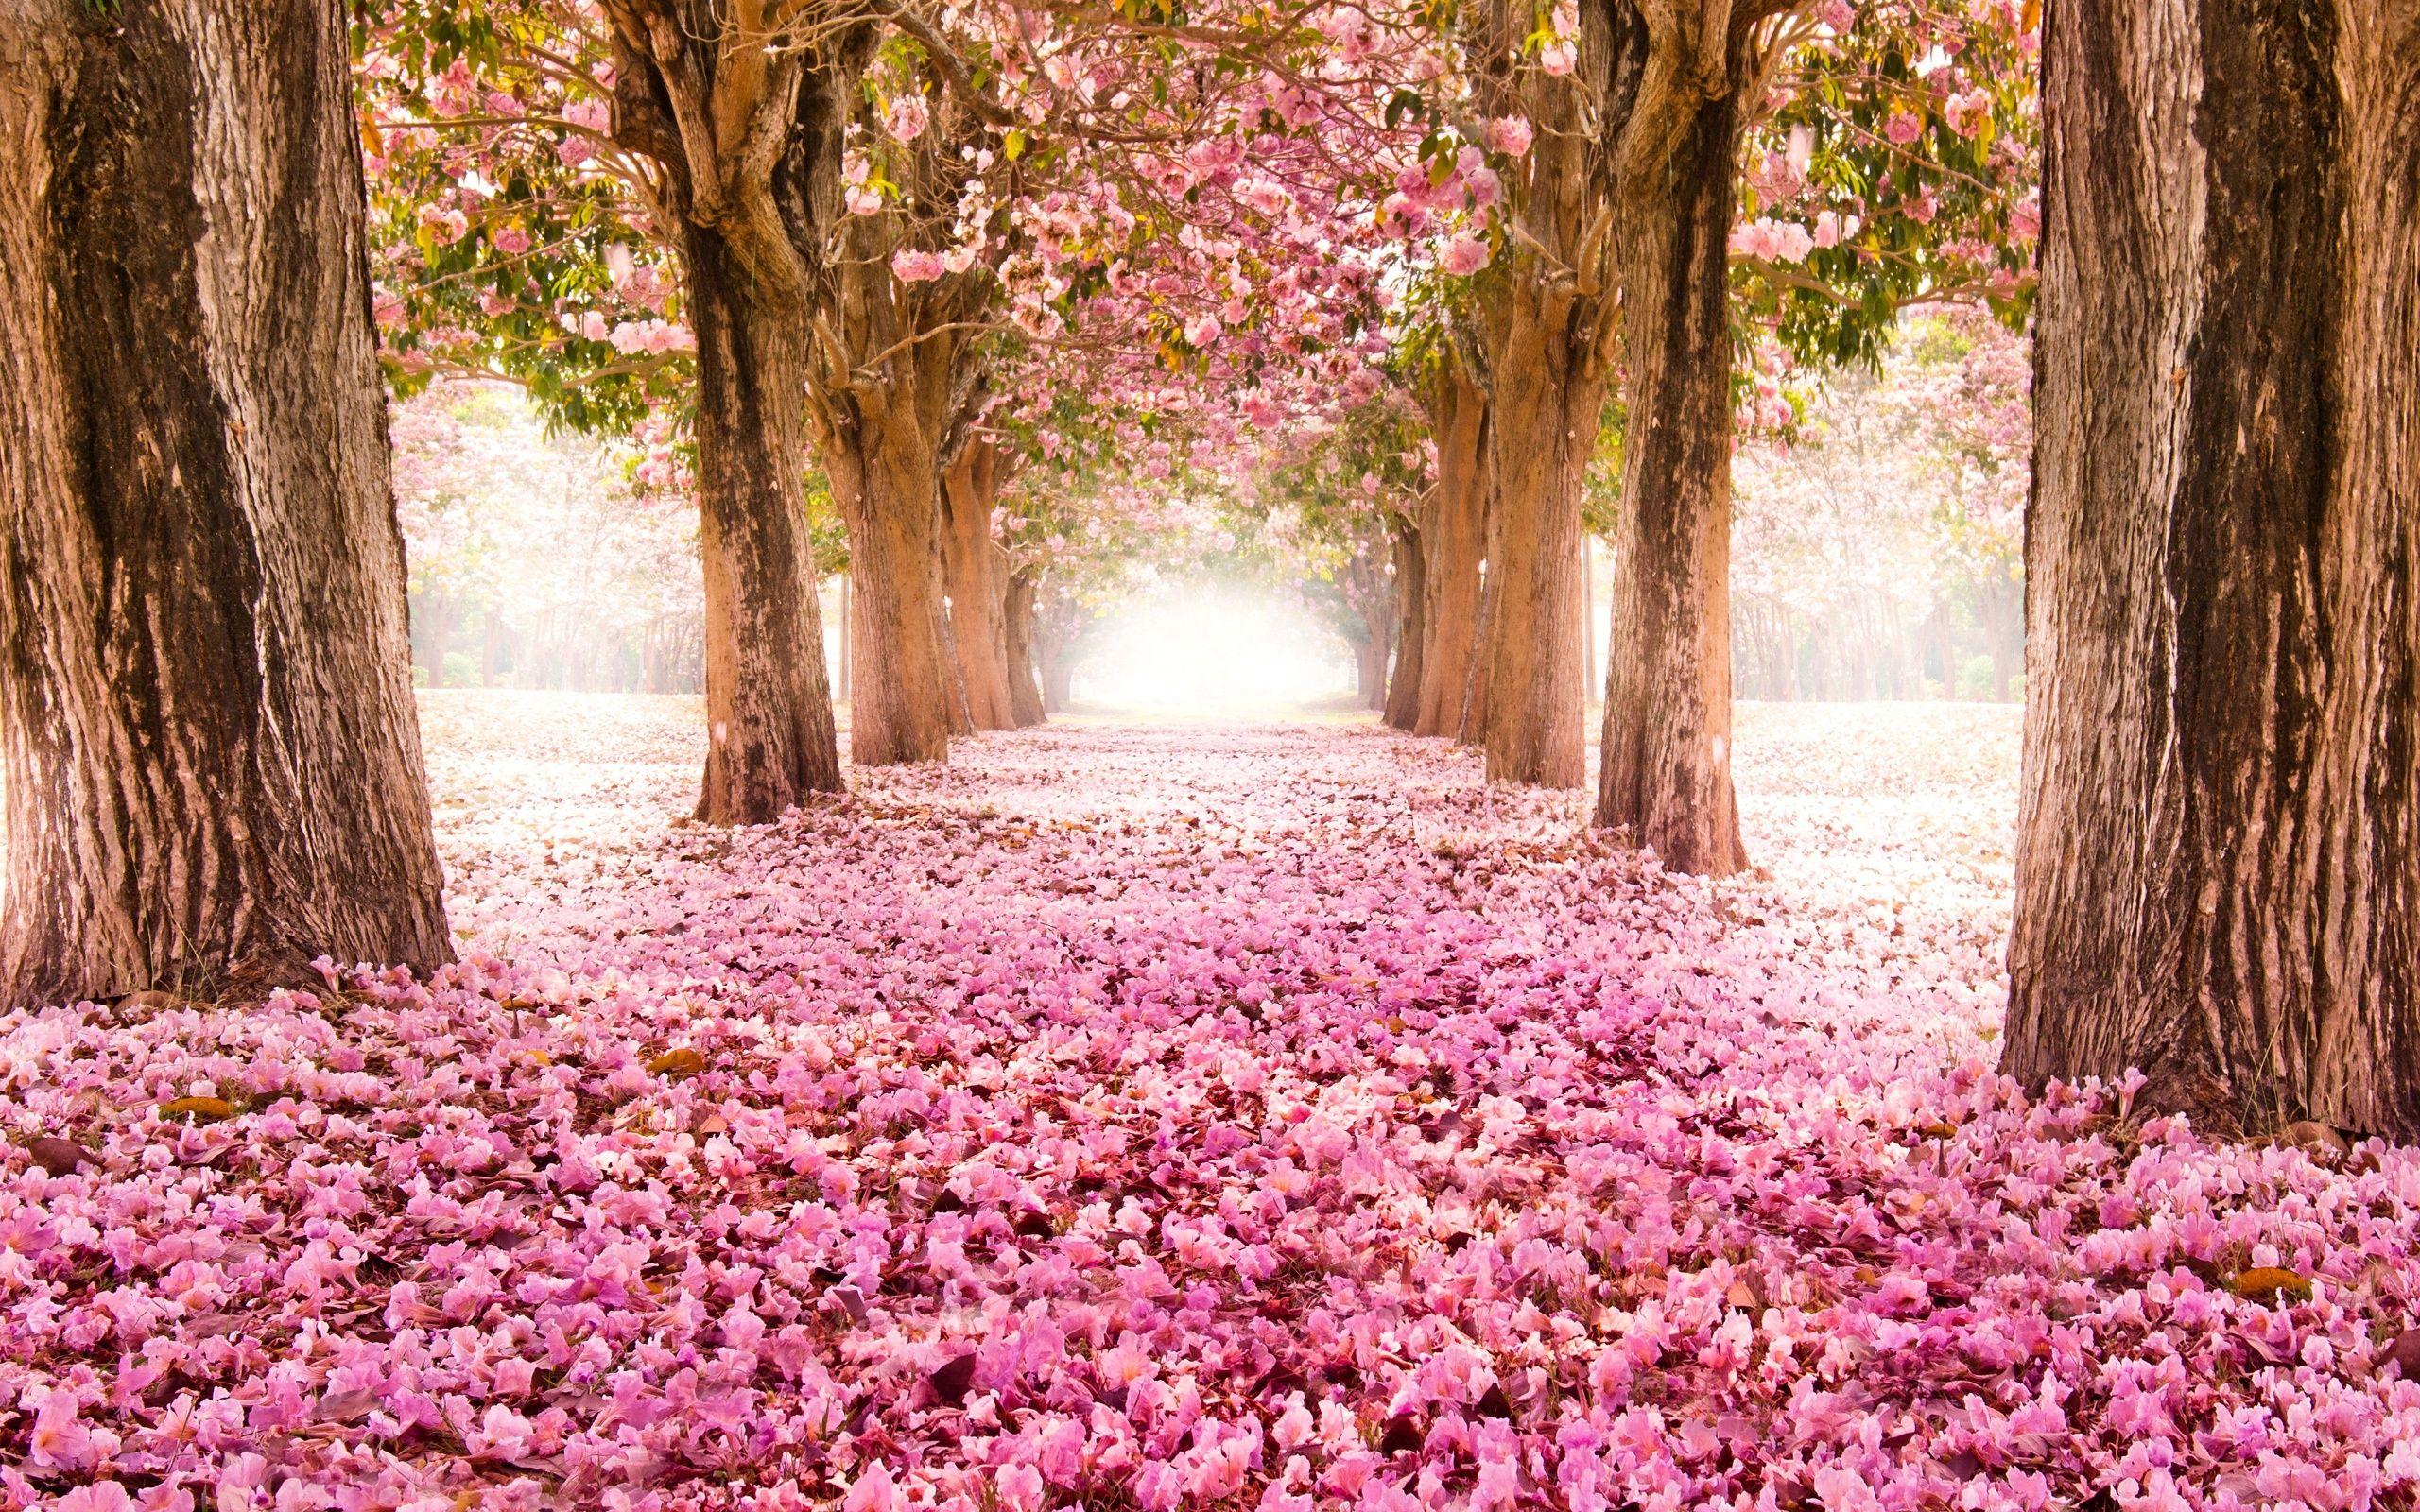 Hermosos Fondos De Pantalla: Flores Rosadas Del Indo, Camino, árboles, Hermosos